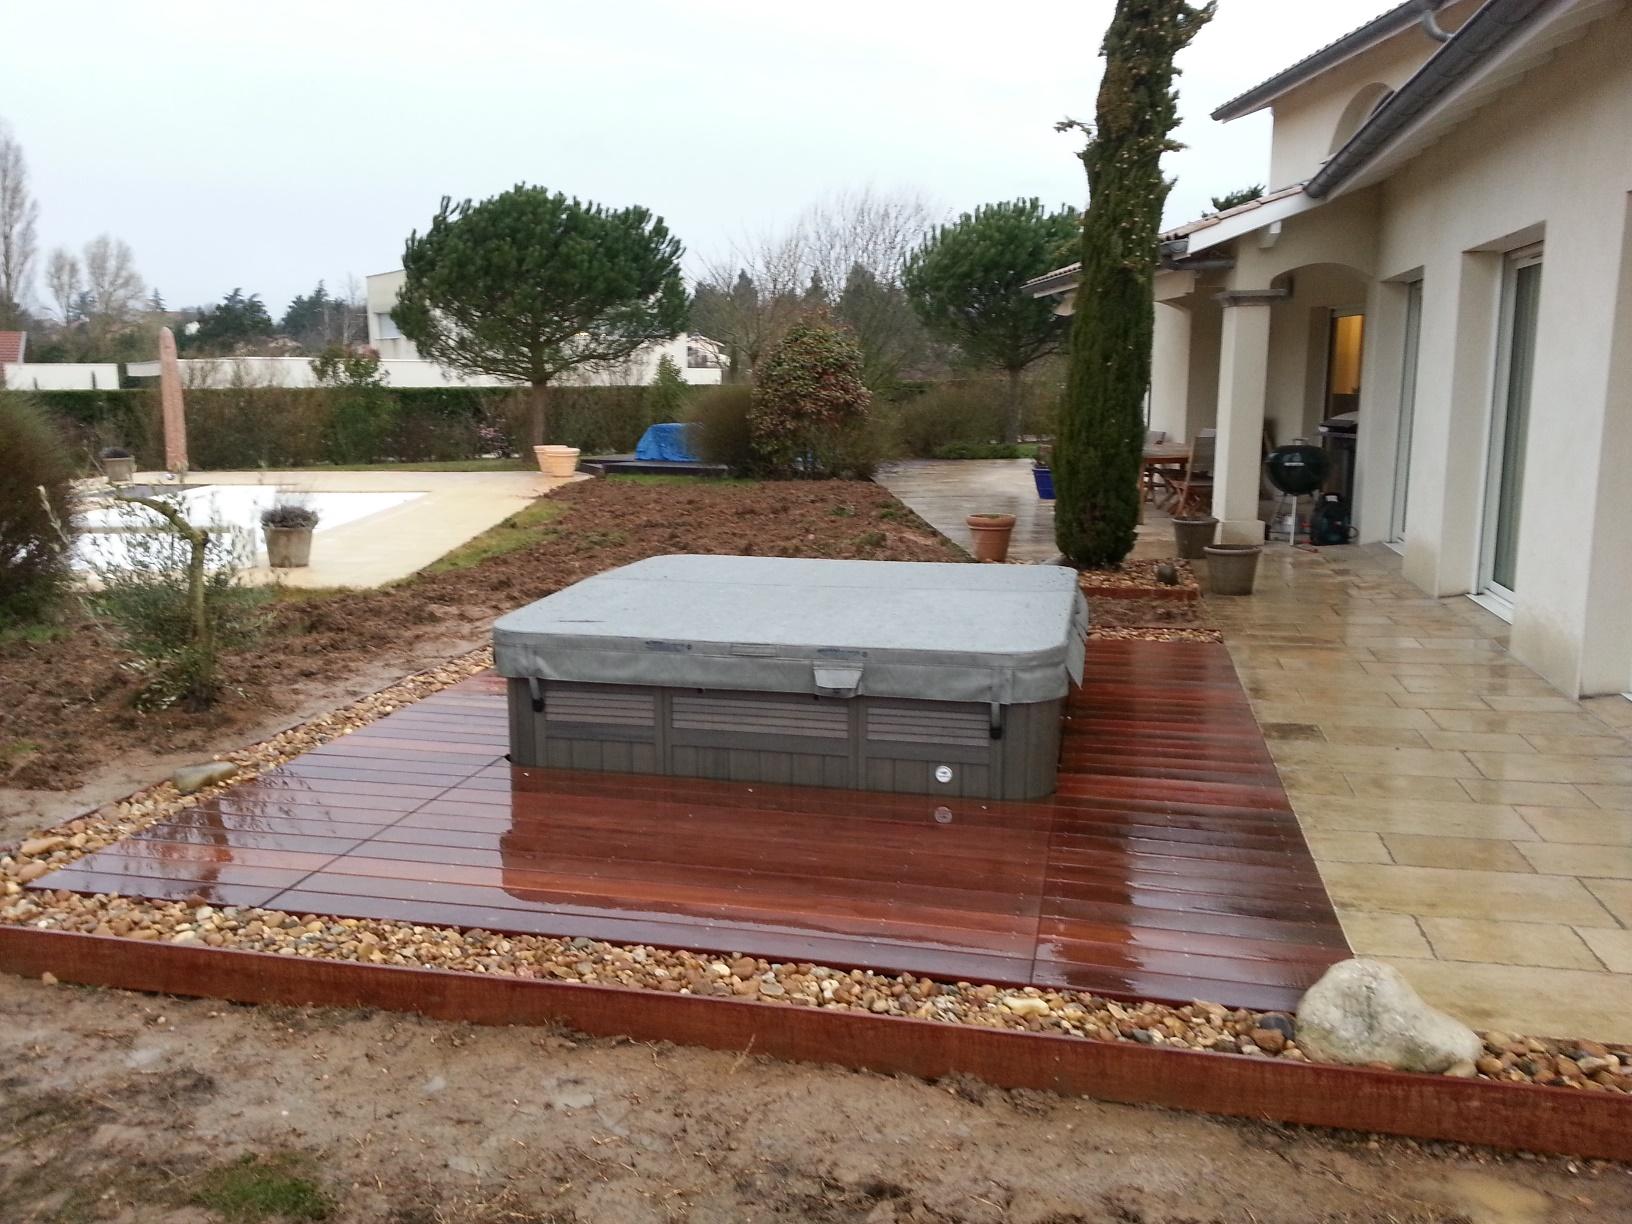 Jour de jardin paysagiste lyon piscines et spa for Piscine spa lyon